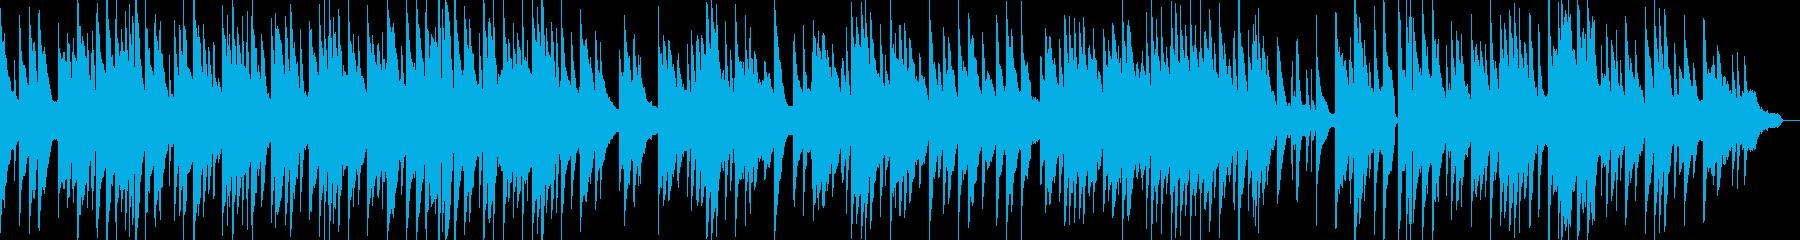 感動的で泣けるピアノソロバラード曲の再生済みの波形